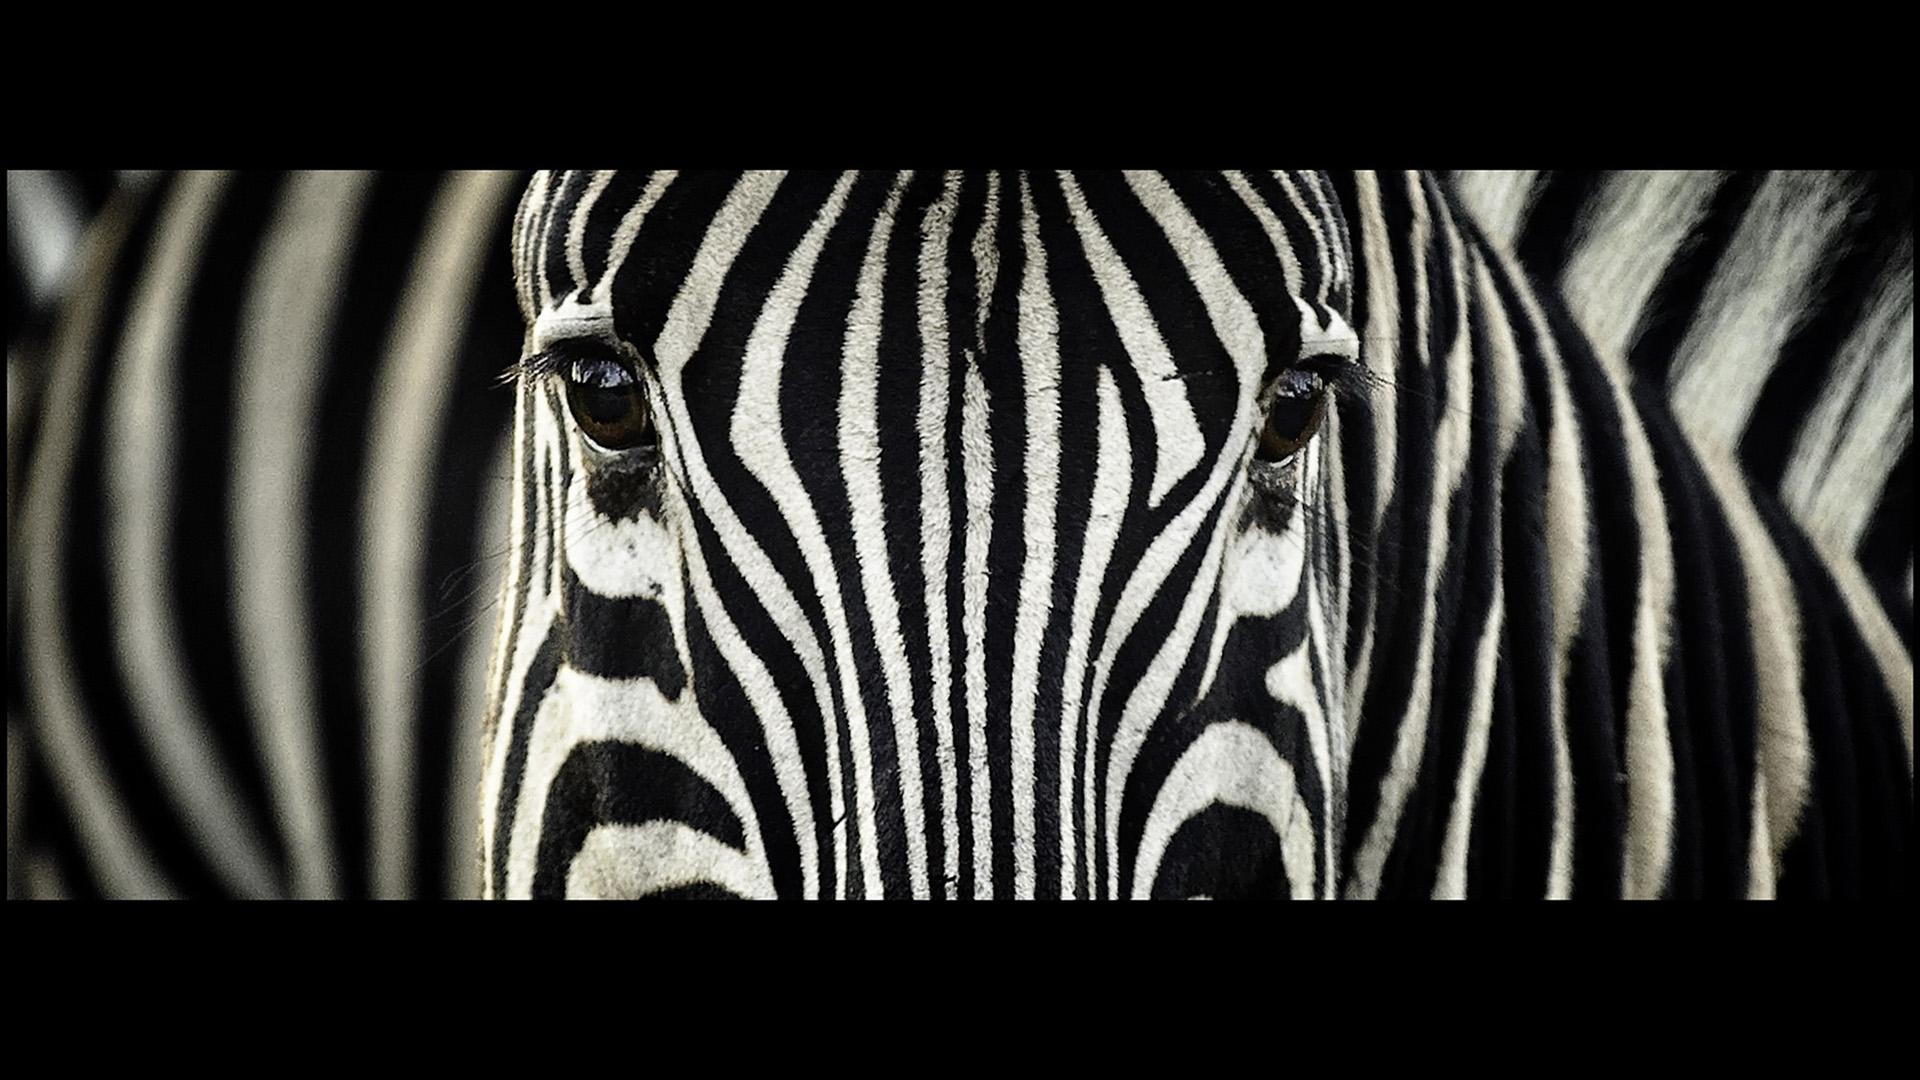 Zebra Computer Wallpapers Desktop Backgrounds 1920x1080